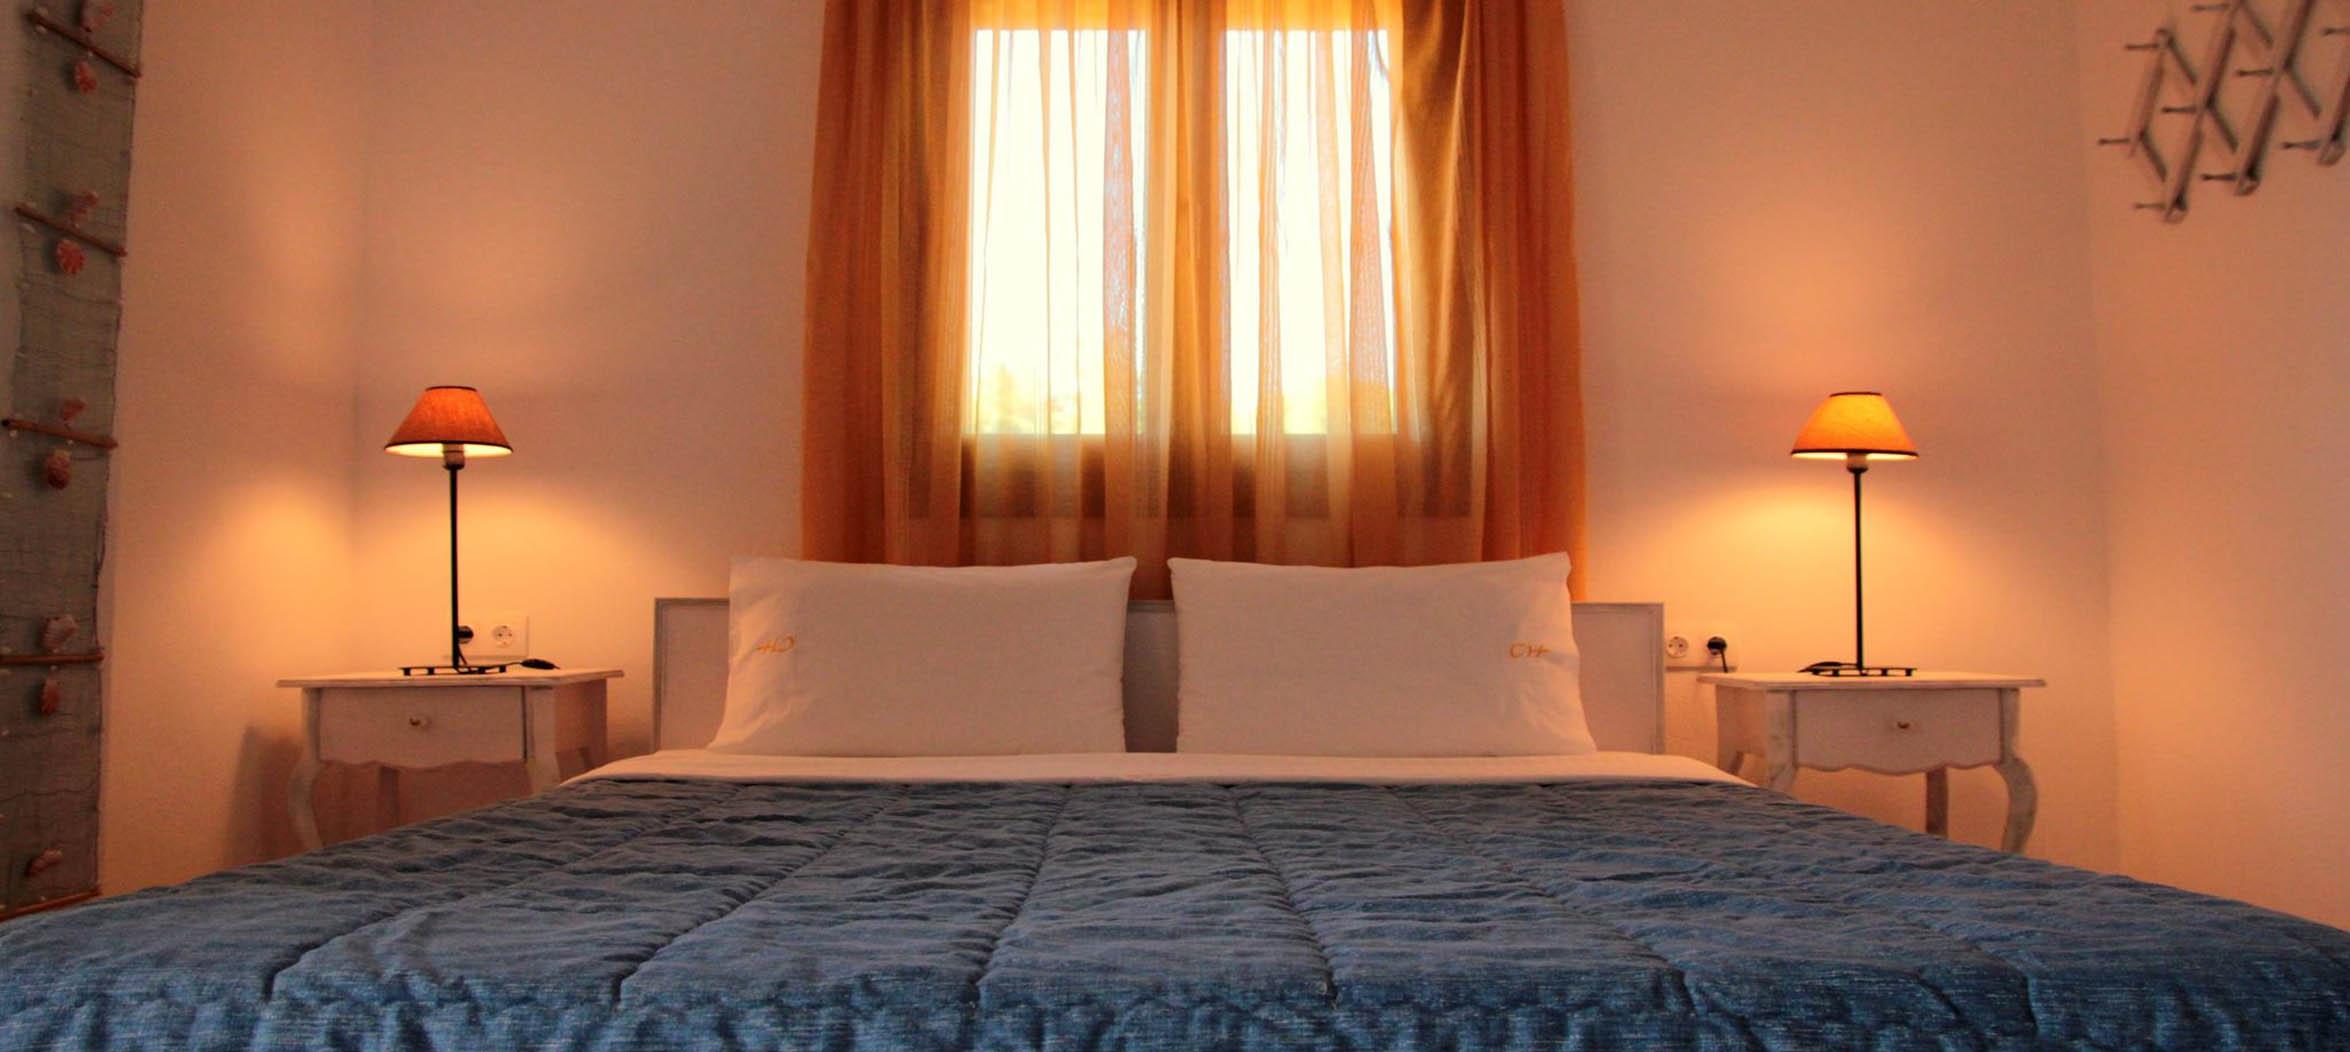 Apartment_No_5A_Bedroom